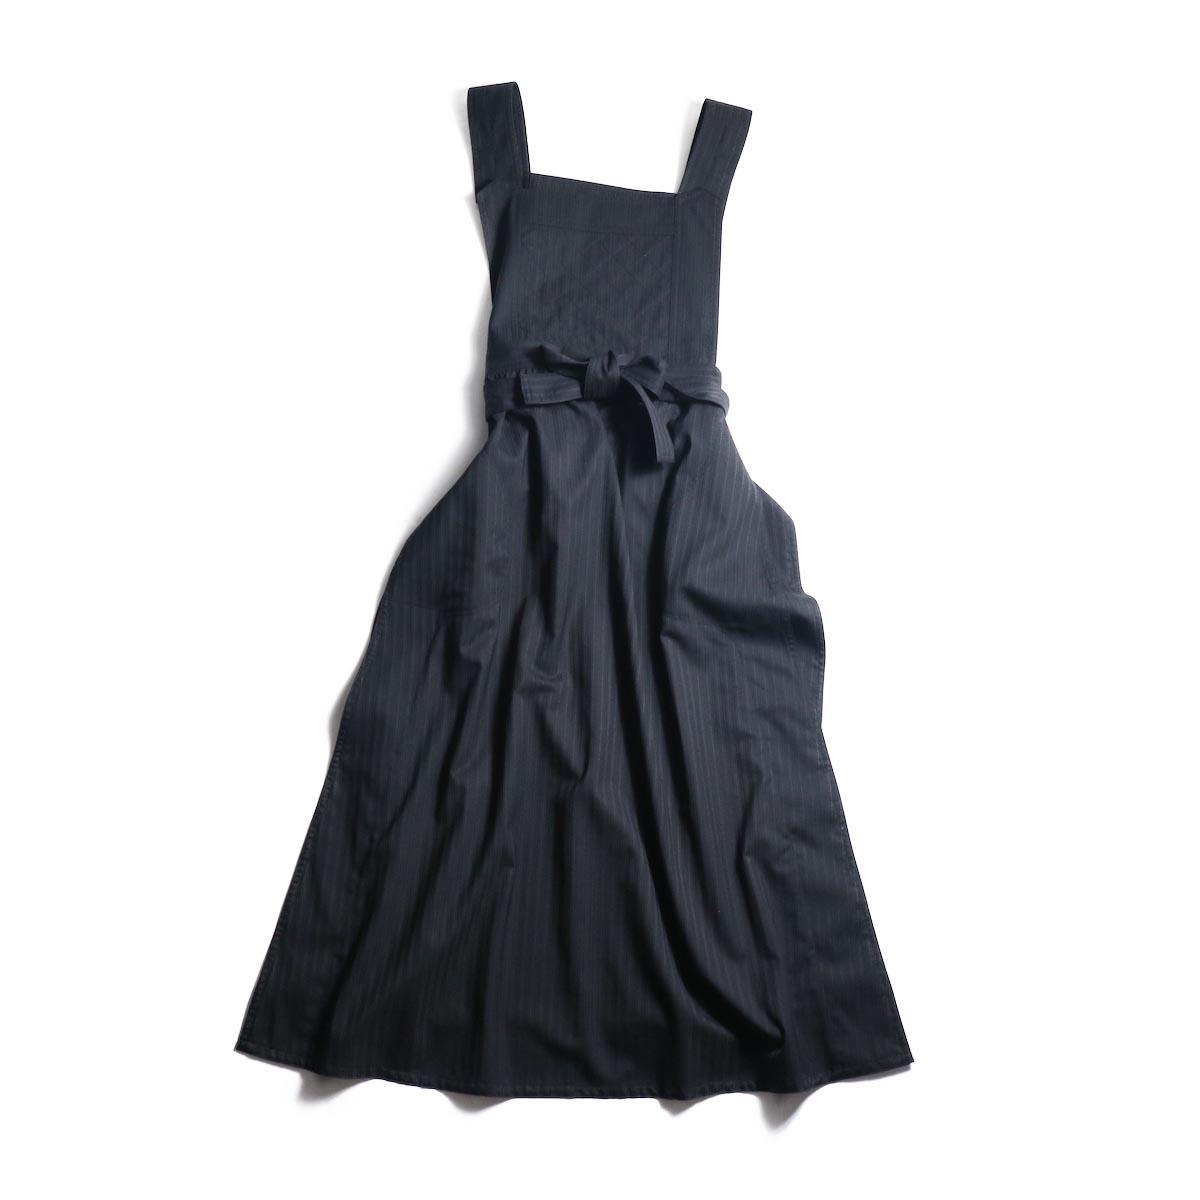 UNUSED / UW0917 unused x niuku apron one piece